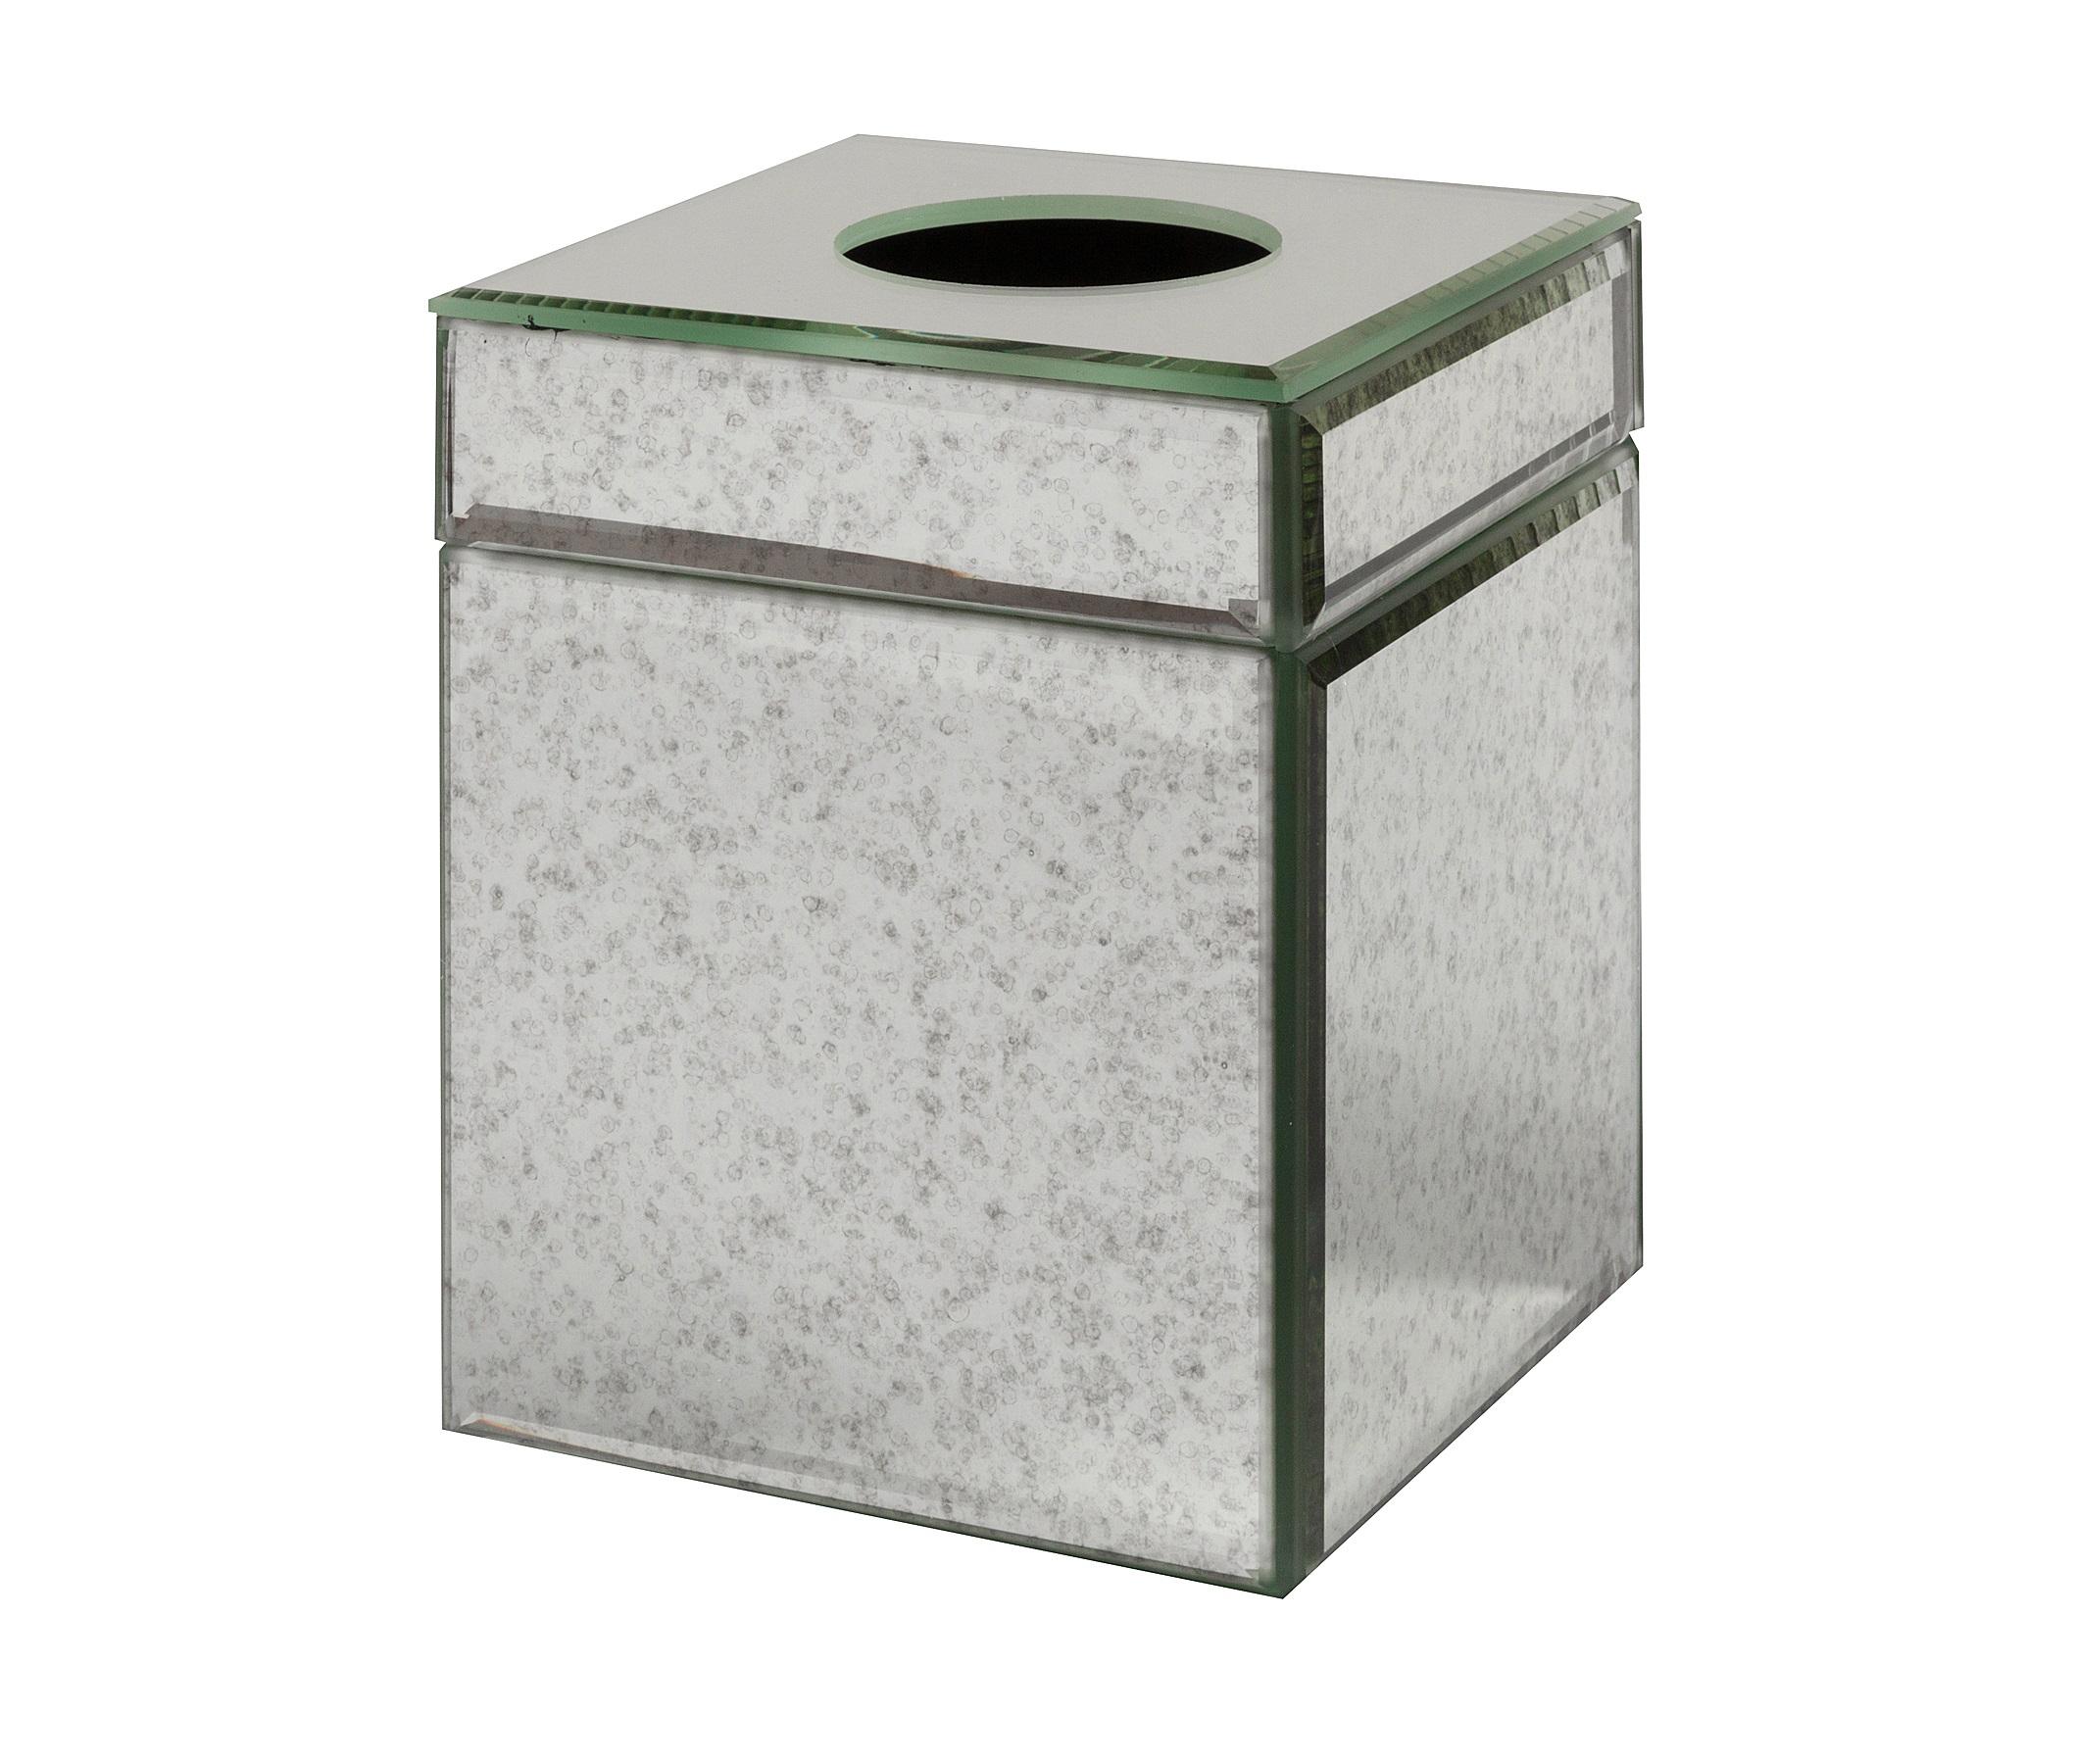 Бокс для салфеток CholetАксессуары для ванной<br><br><br>Material: Стекло<br>Ширина см: 12<br>Высота см: 15<br>Глубина см: 12